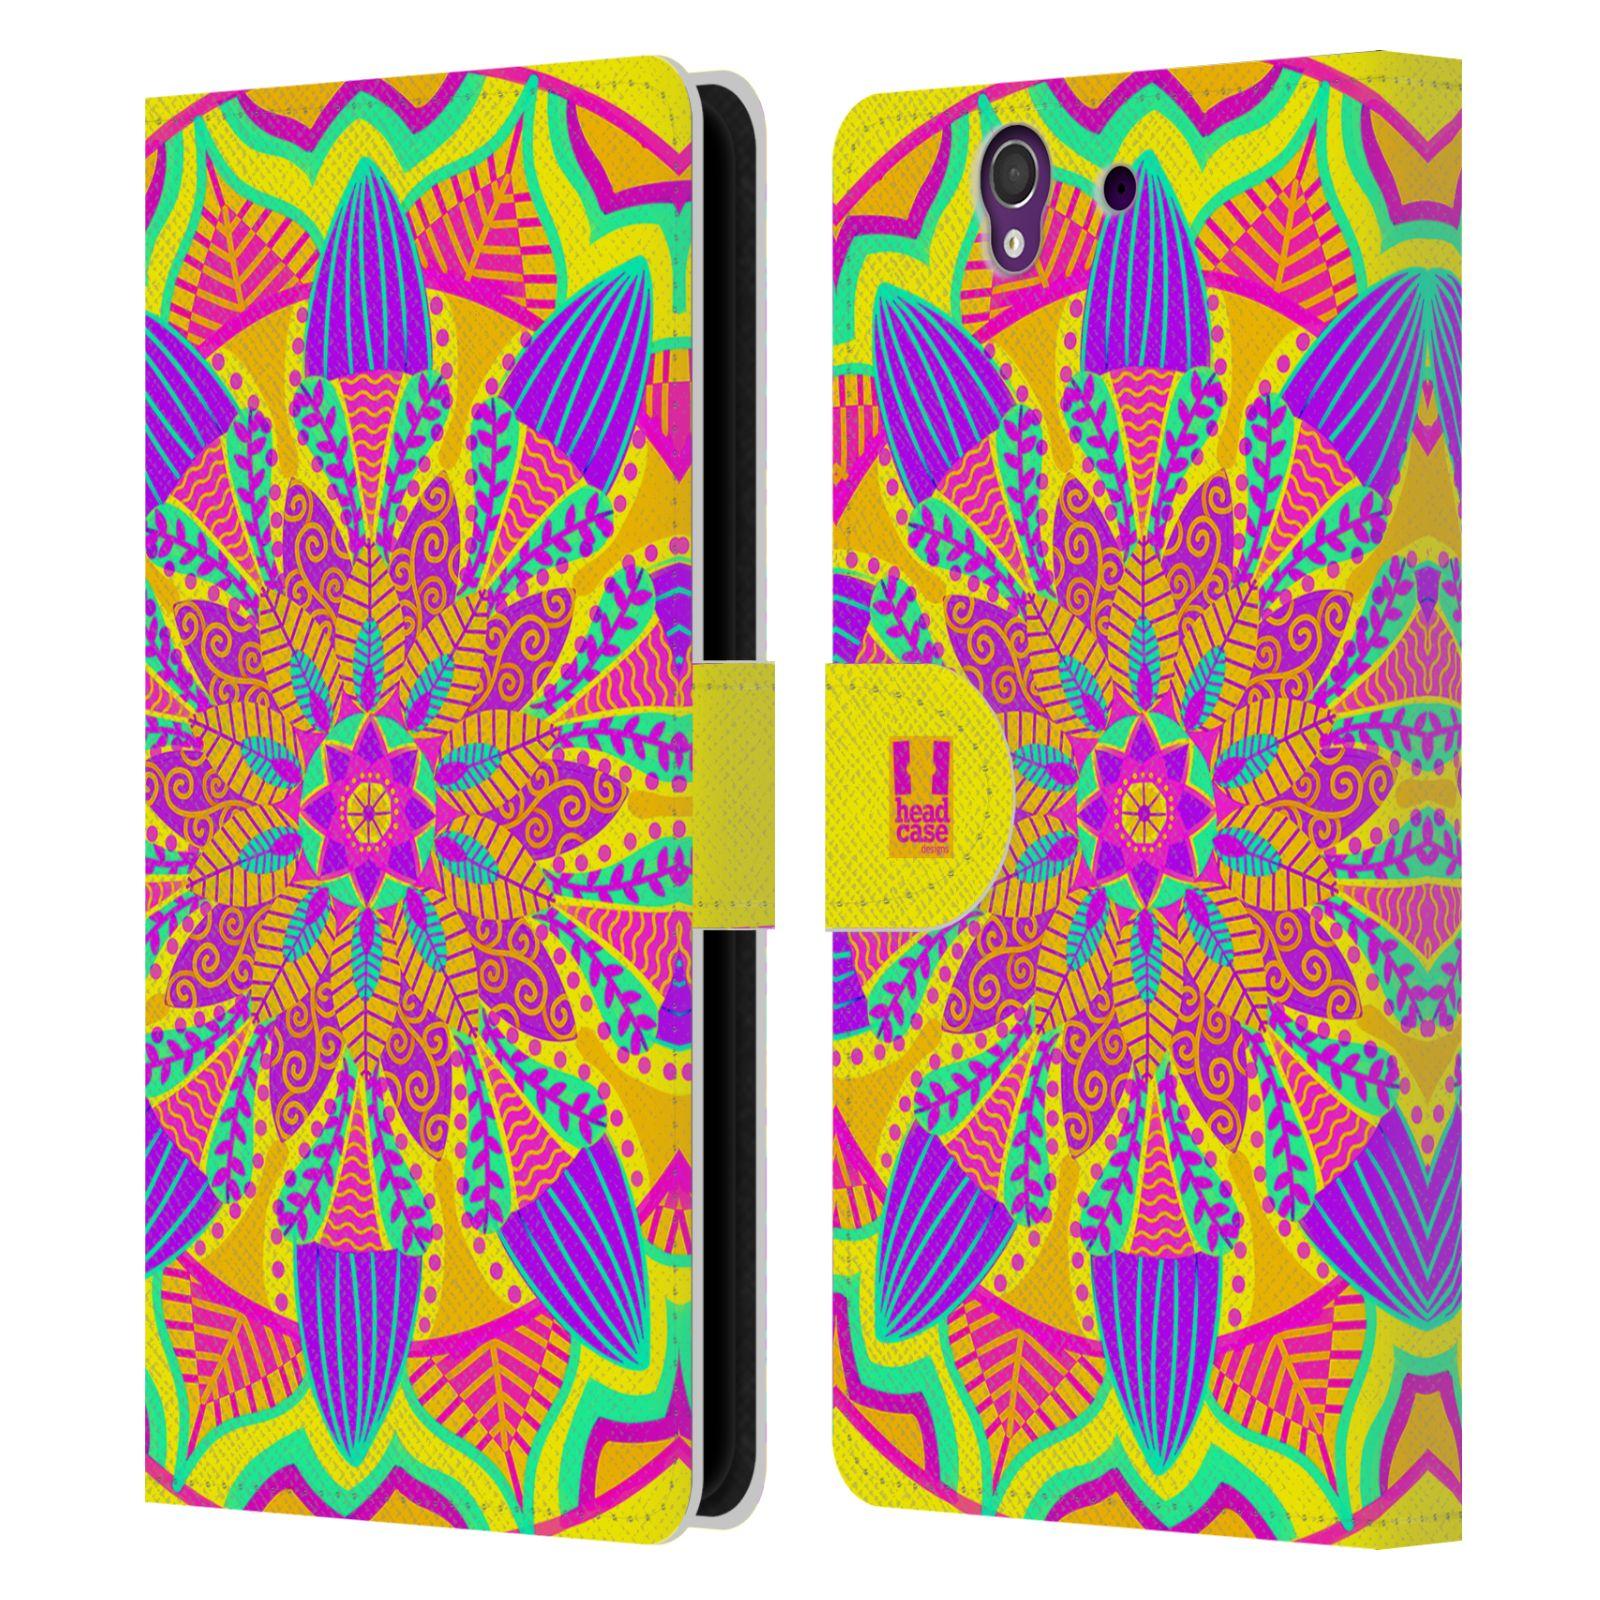 HEAD CASE Flipové pouzdro pro mobil SONY XPERIA Z (C6603) květinová mandala barevná fialová a zelená